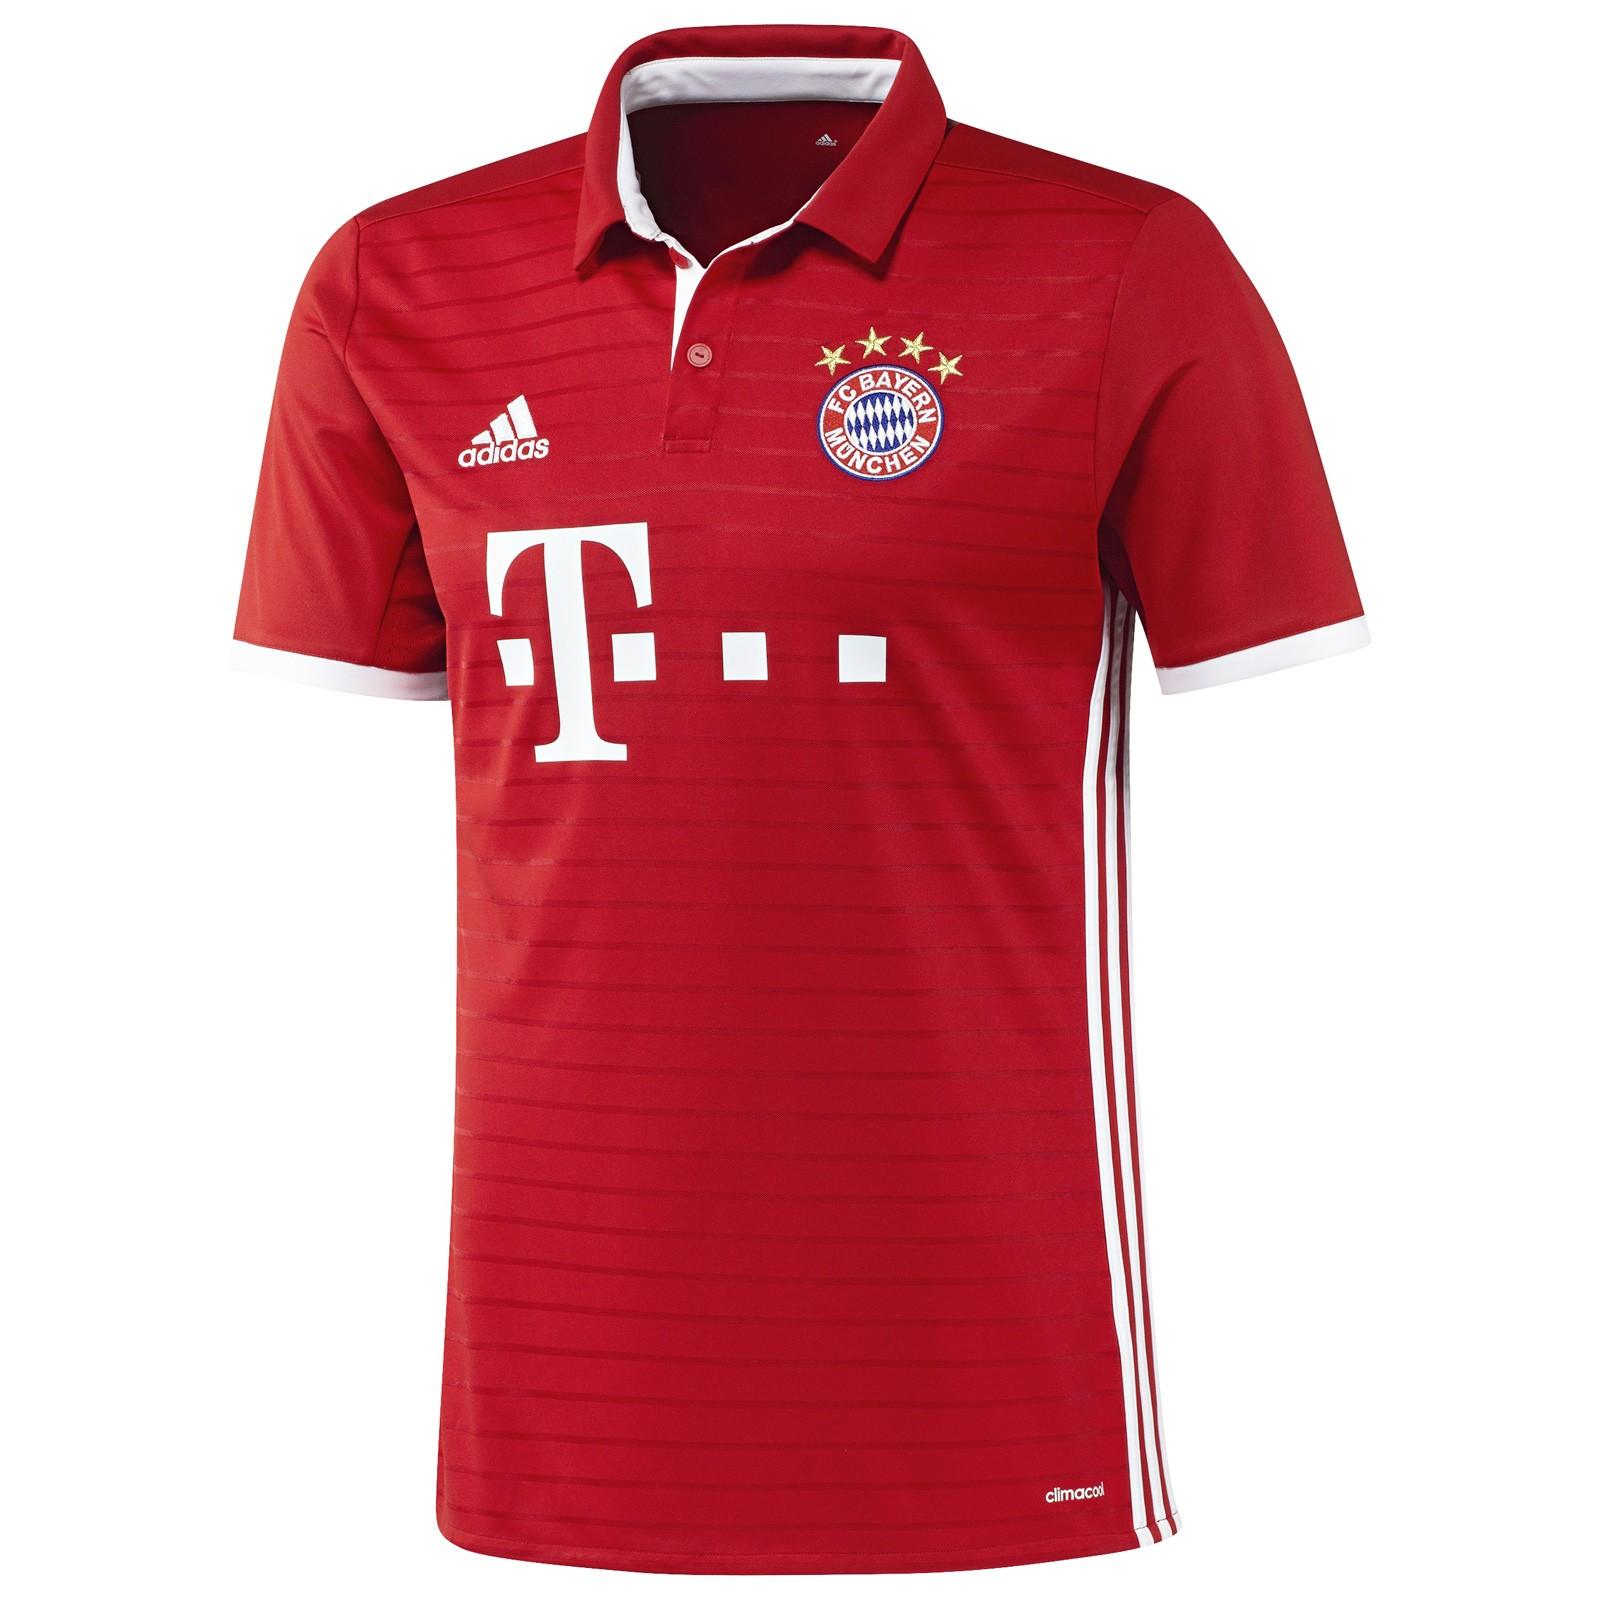 拜仁慕尼黑2016-17赛季球迷版主场球衣